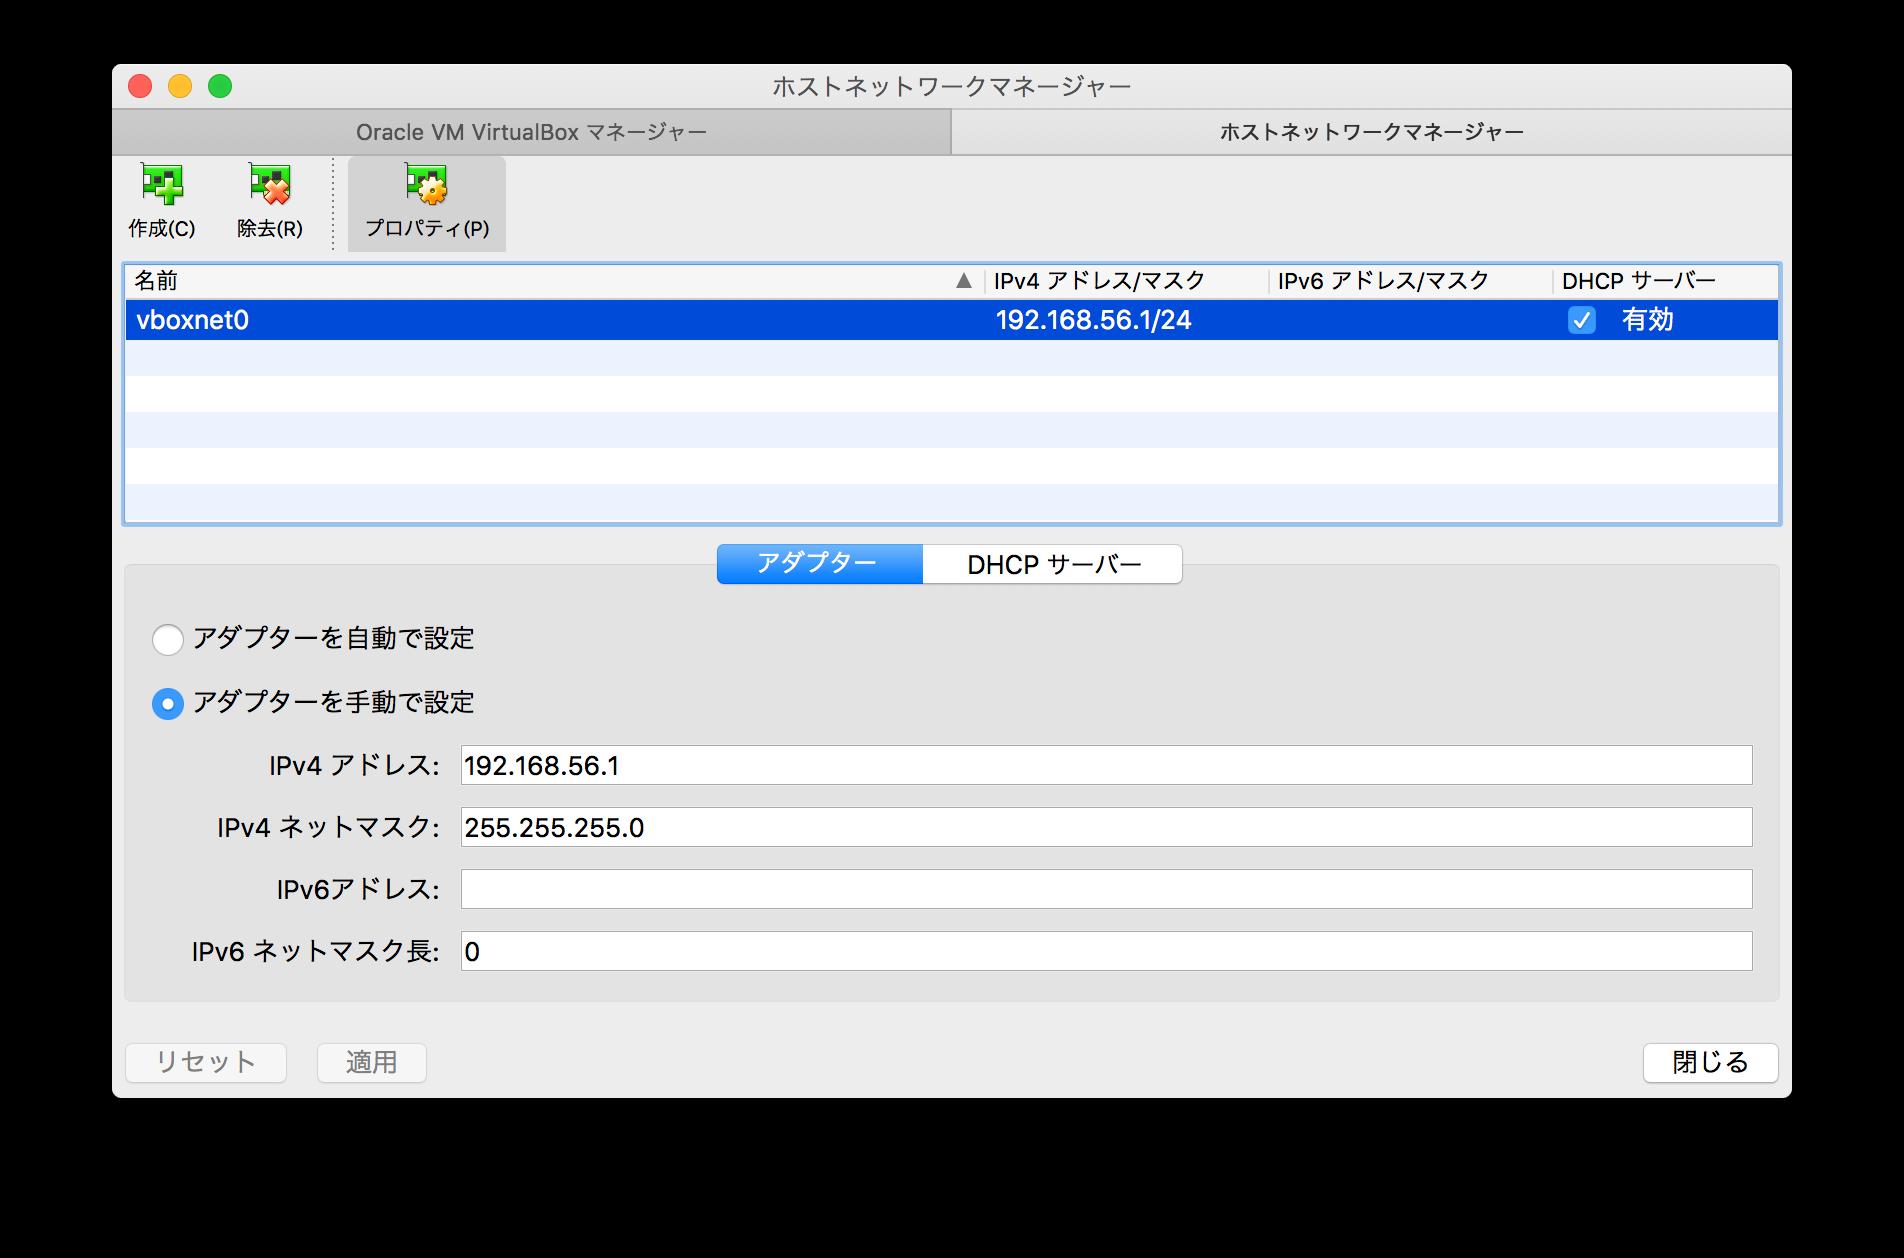 スクリーンショット 2018-01-20 20.50.10.png